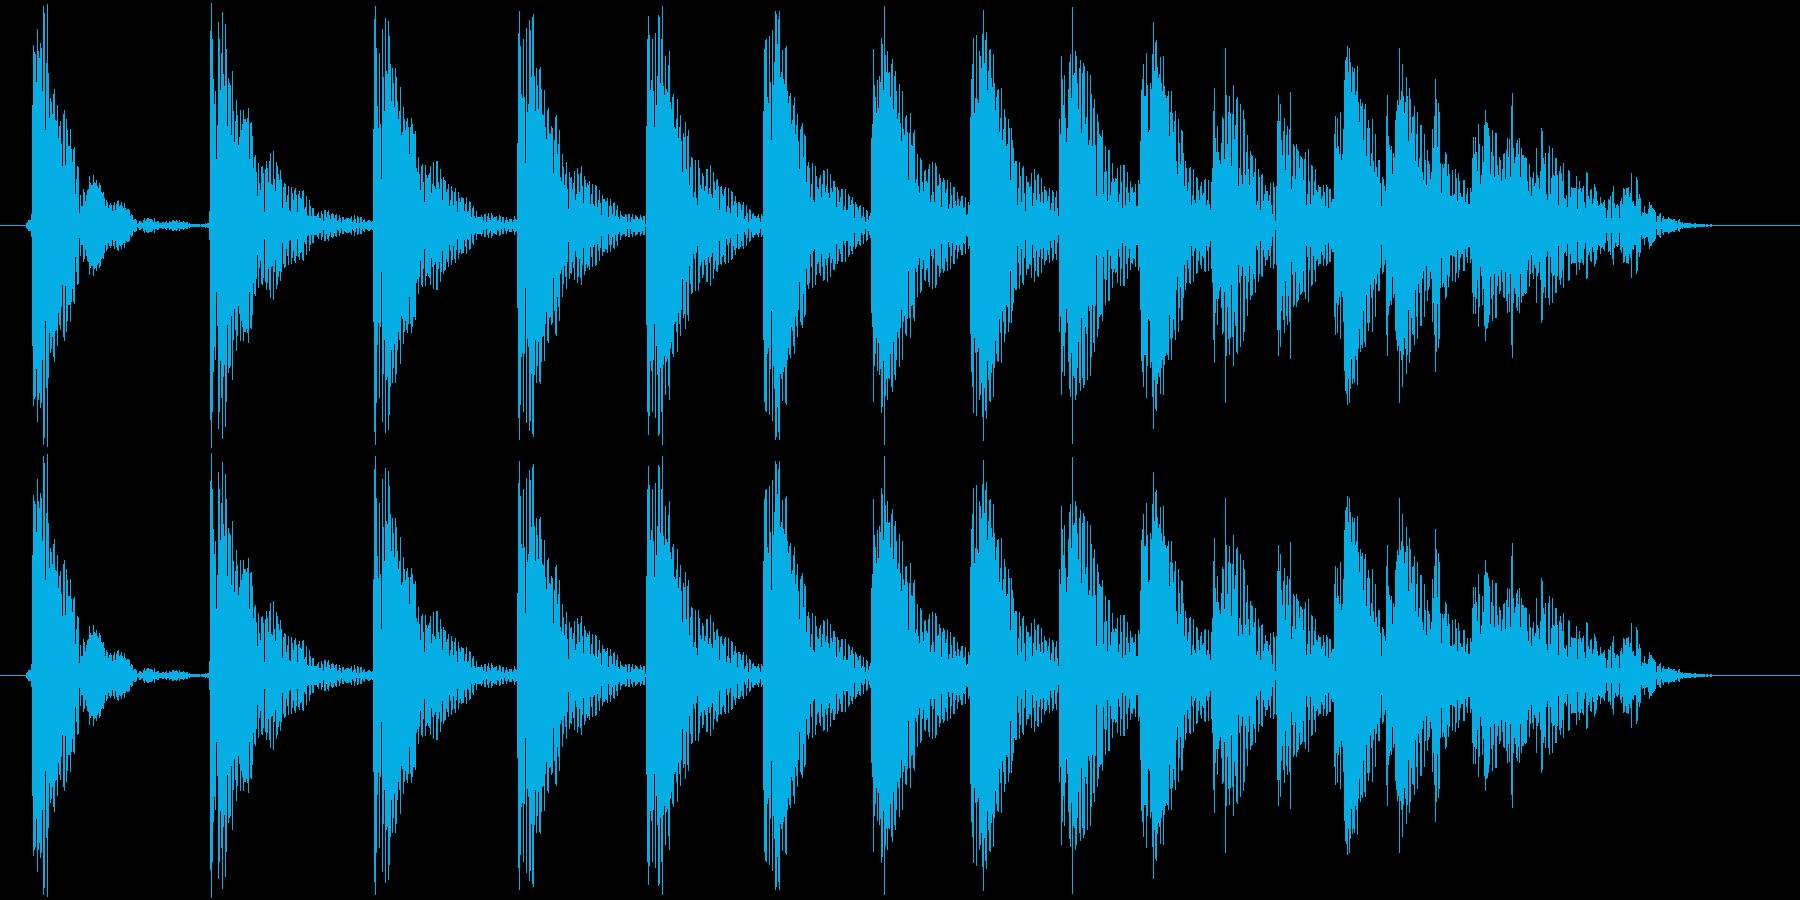 トントントントン・・・の再生済みの波形